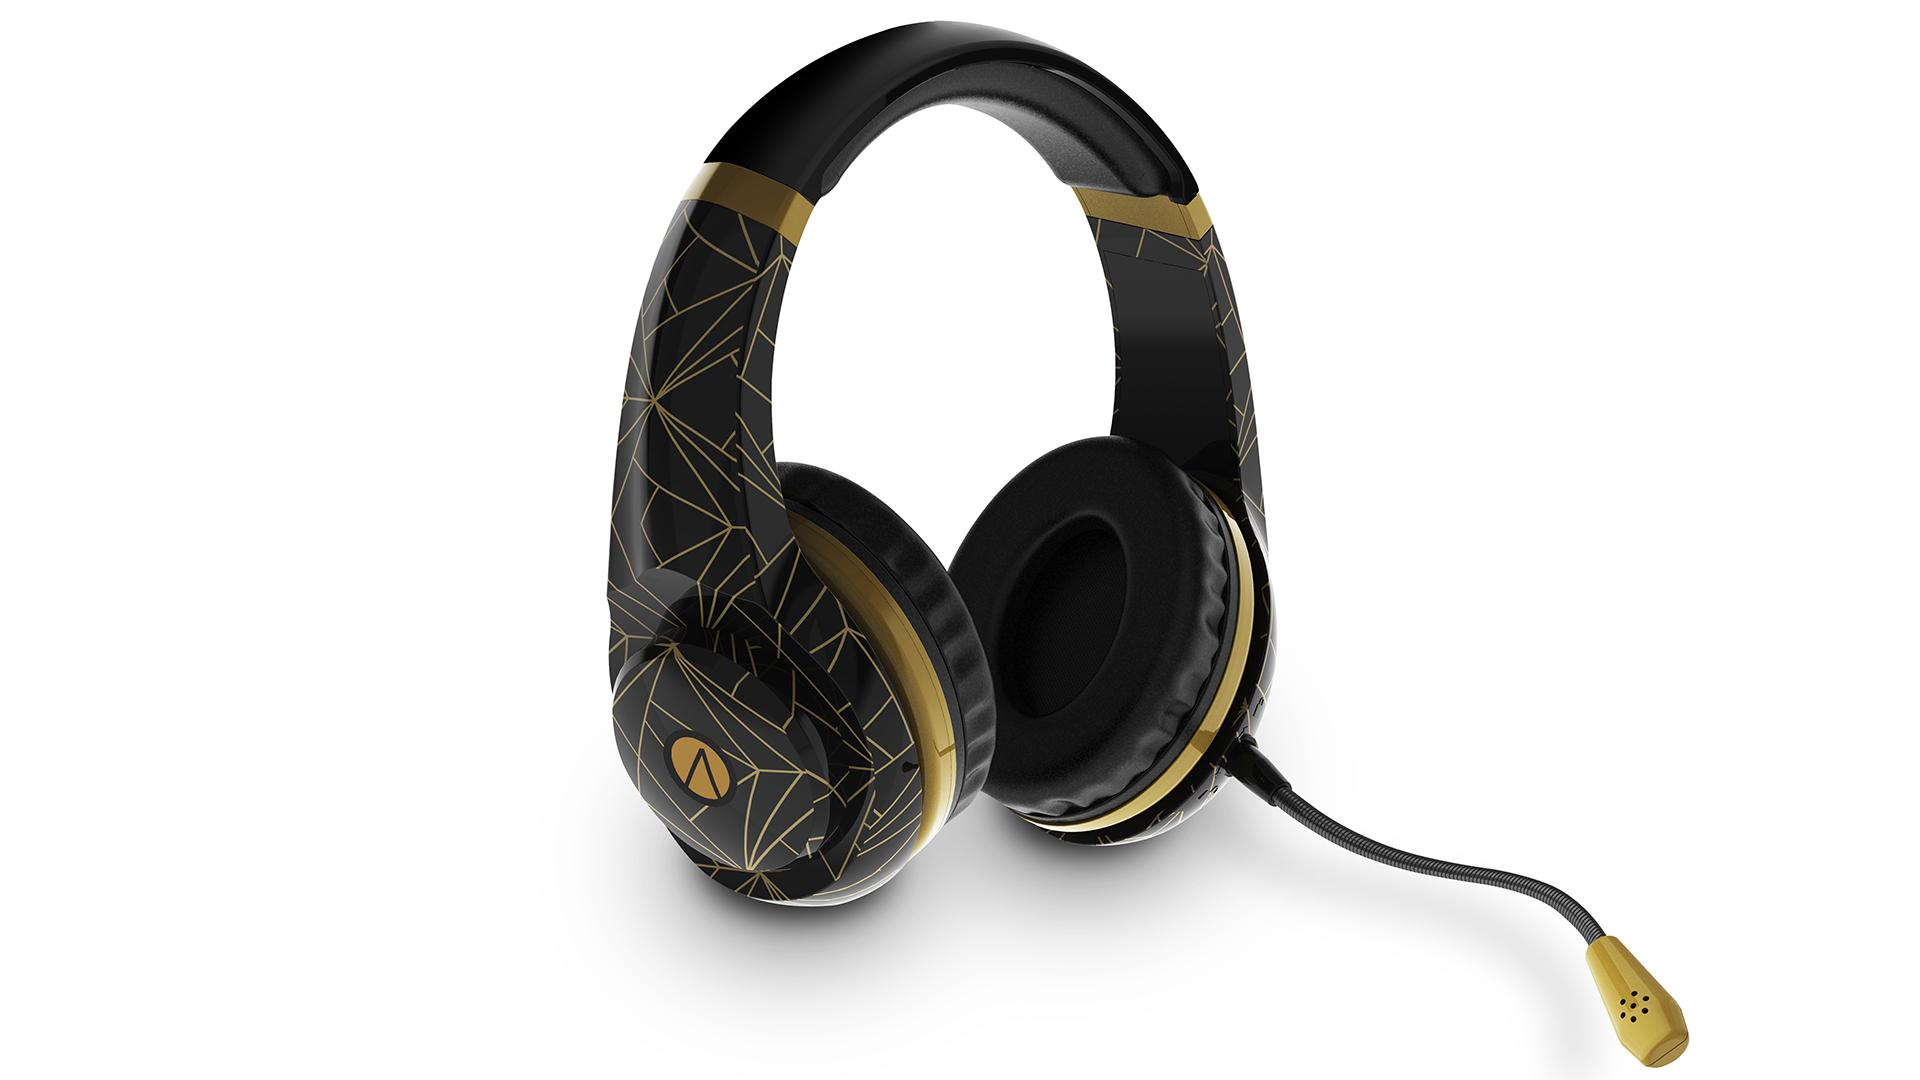 Abbiamo provato le cuffie STEALTH Classic Gold con un'ottimo rapporto qualità prezzo per gaming e musica